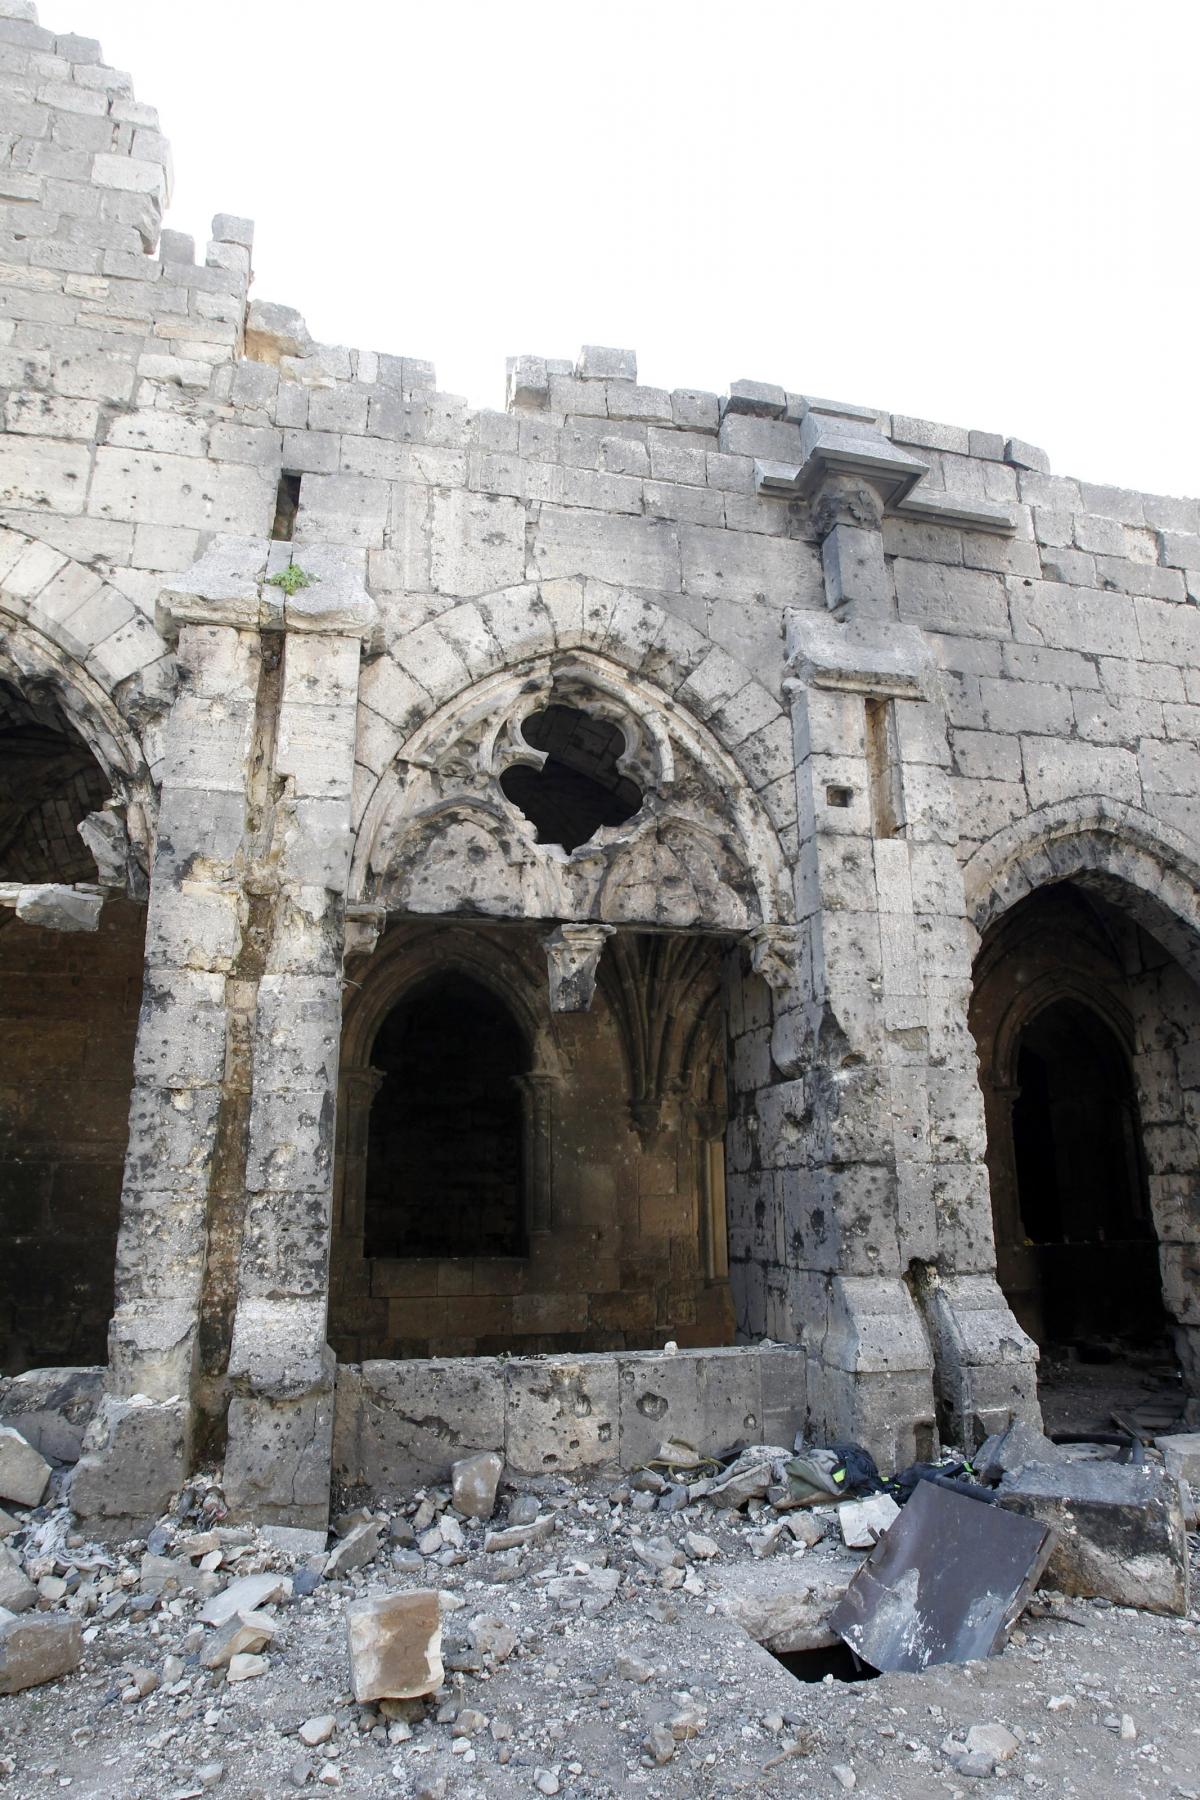 Bullet holes line the walls inside Krak des Chevaliers.